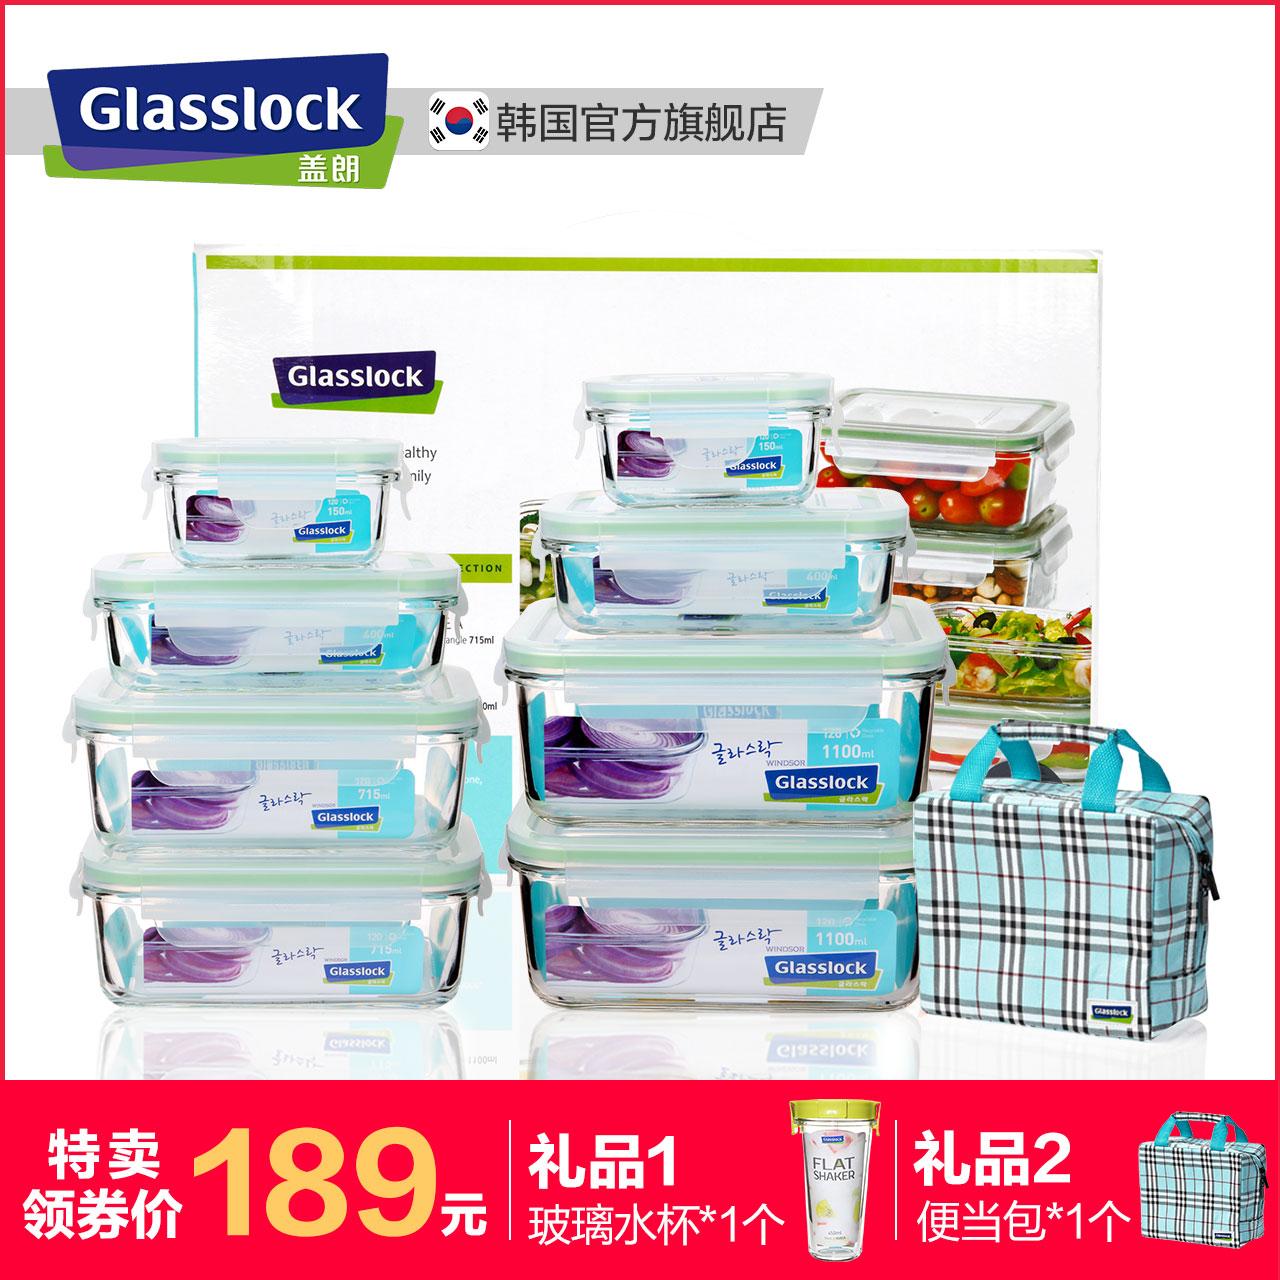 Glasslock韩国耐热钢化玻璃饭盒长方形微波炉冰箱保鲜盒多件套装